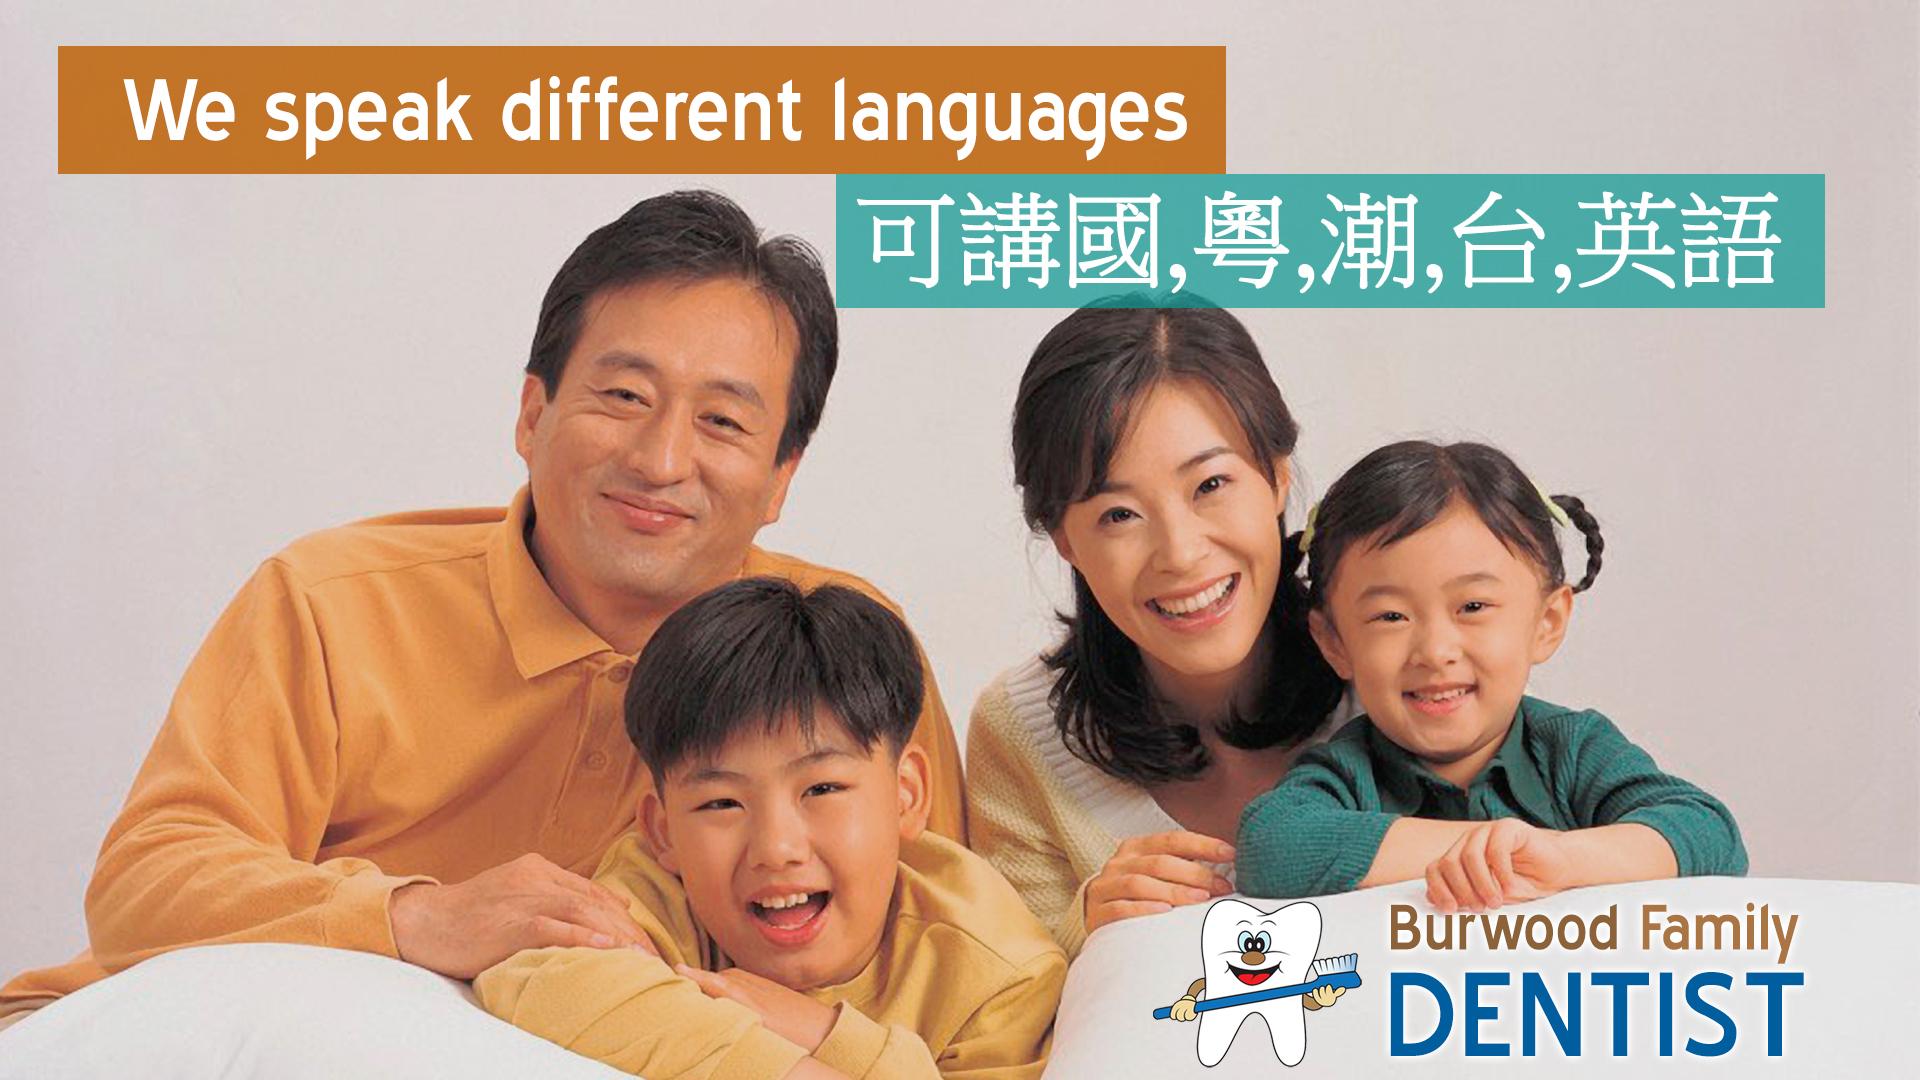 牙科诊所 家庭